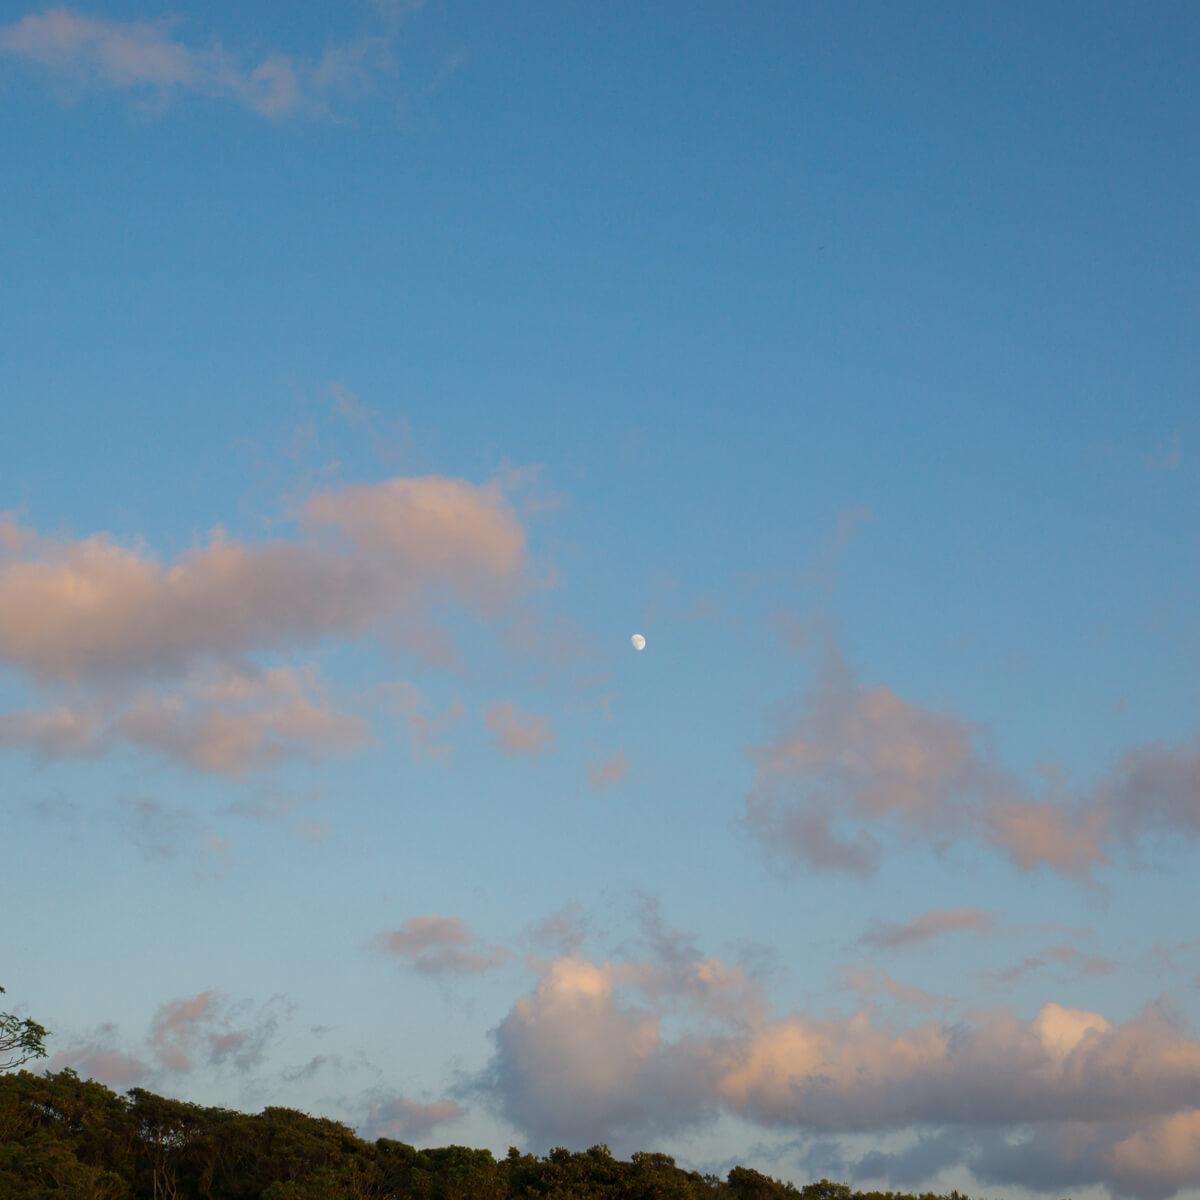 屋久島の空 つき 屋久島日々の暮らしとジュエリー オーダーメイドマリッジリングのモチーフ